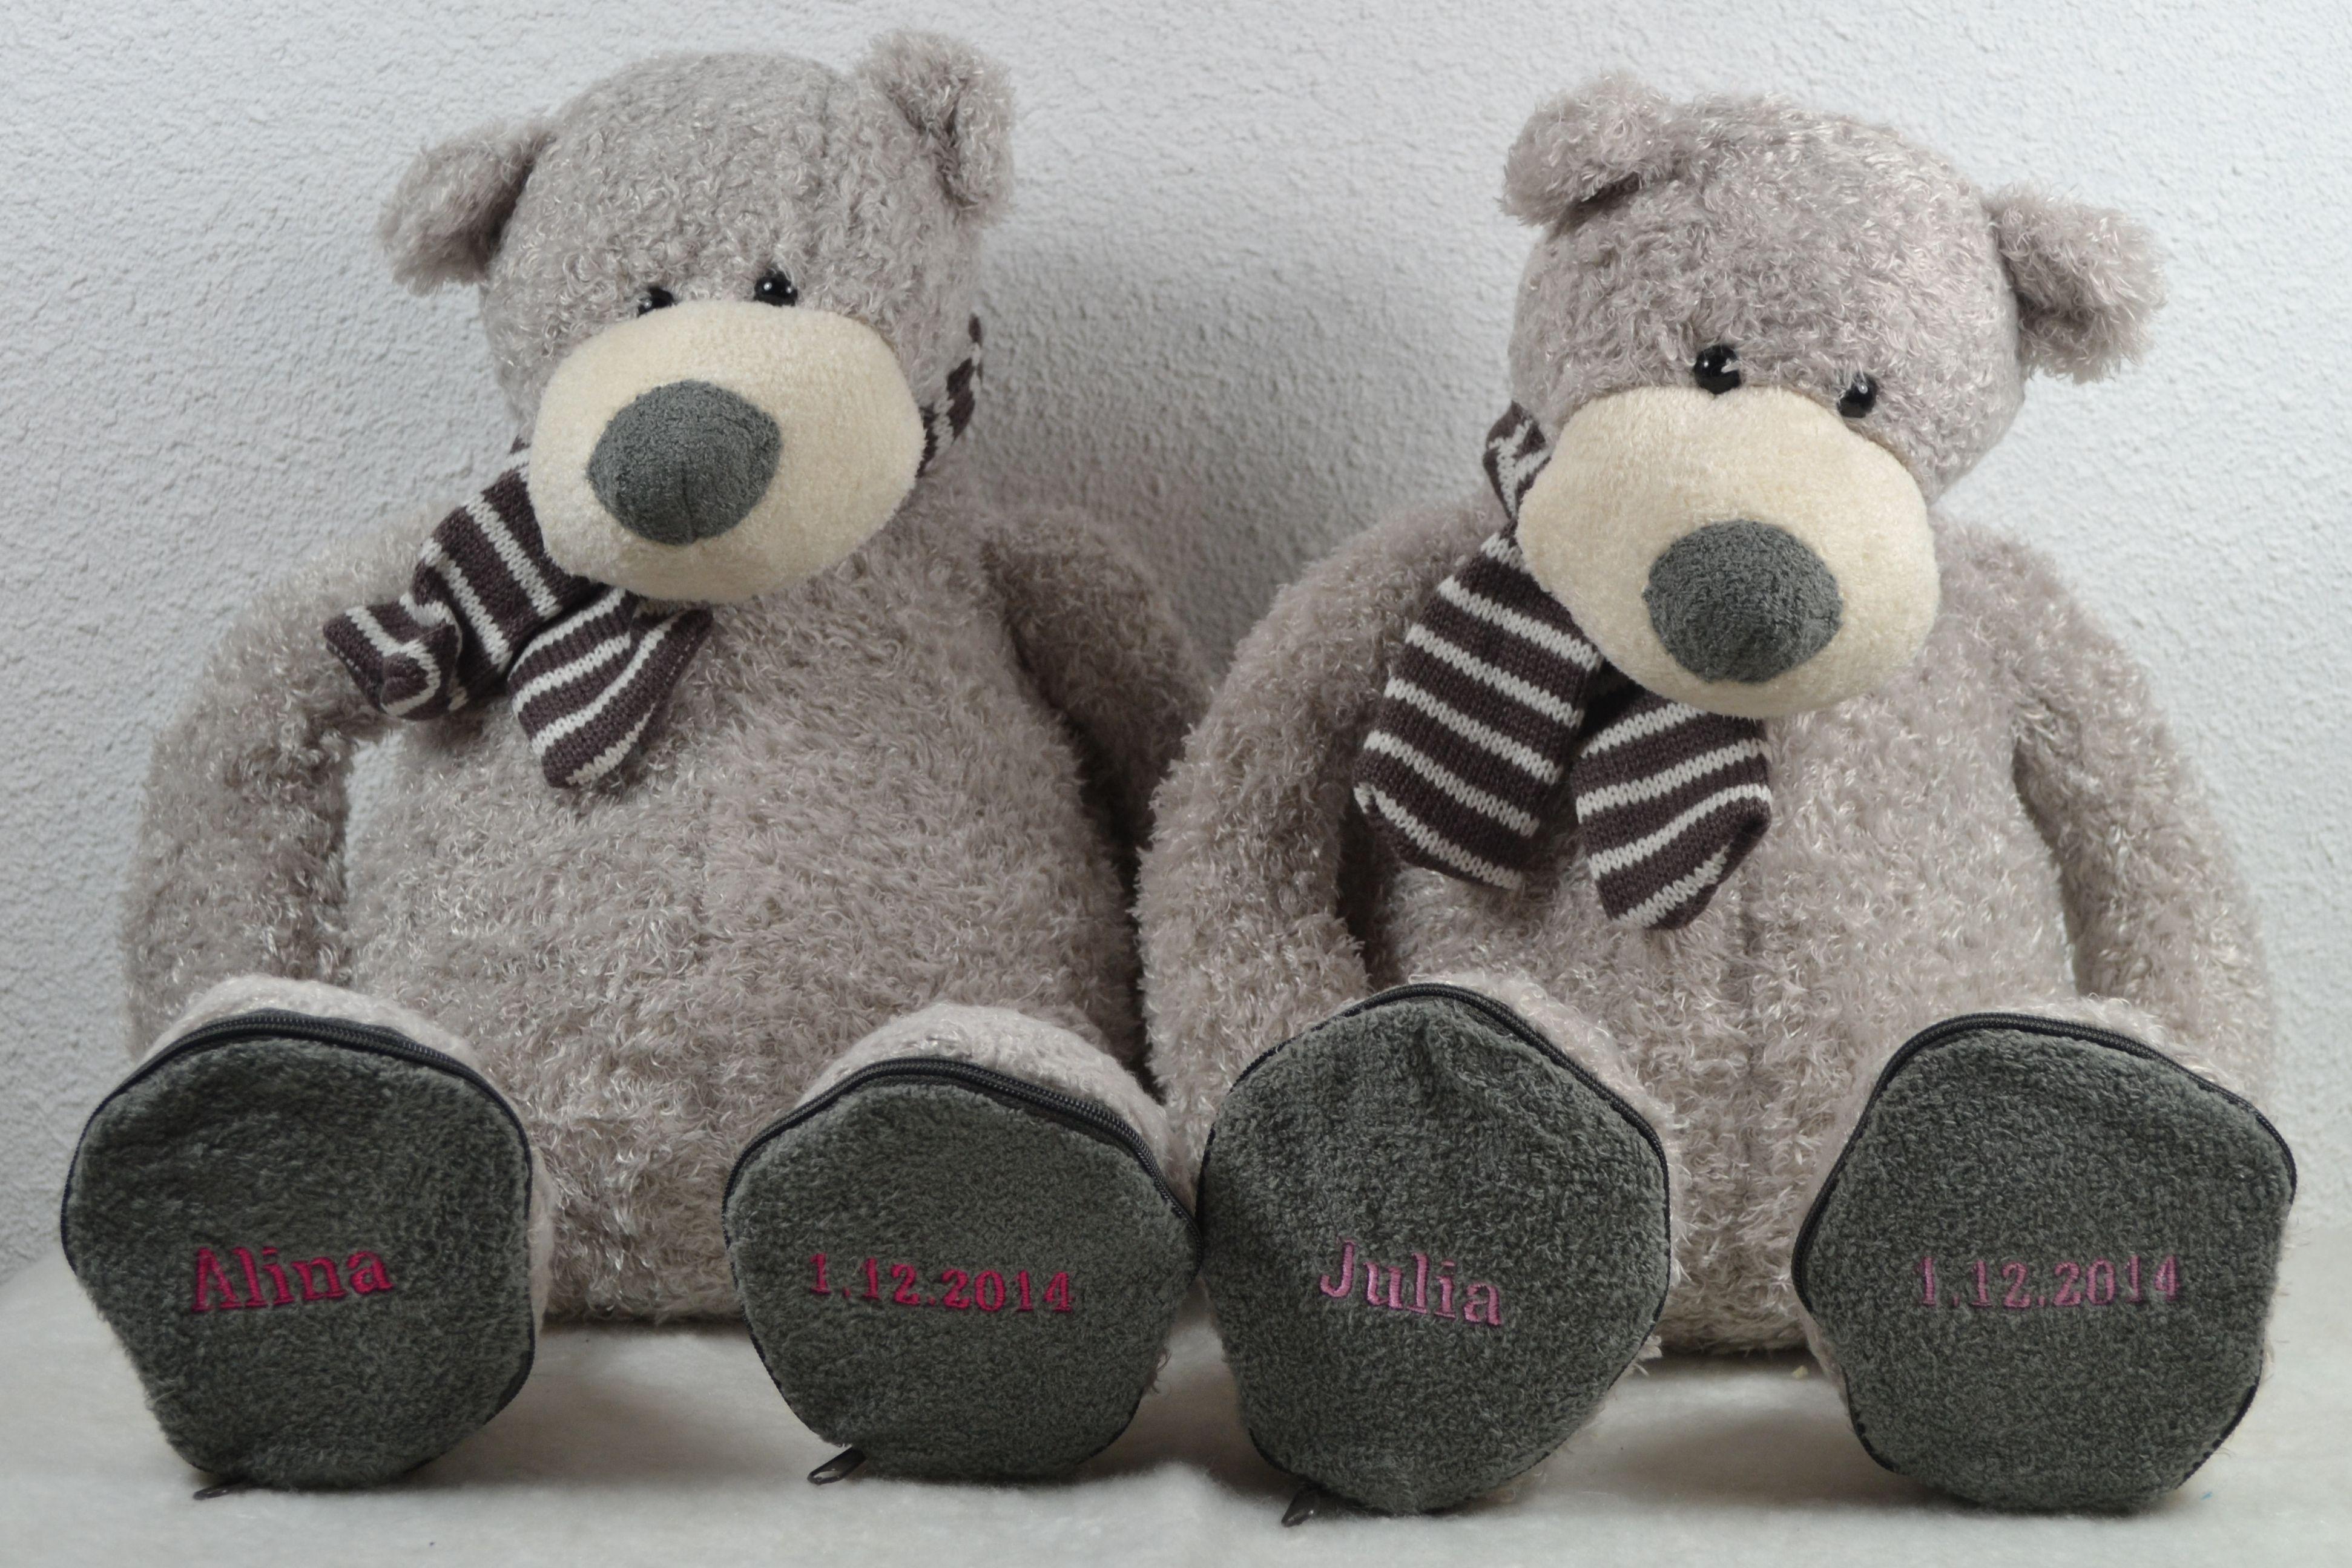 Tweeling een lief en persoonlijk cadeau voor ieder kind of